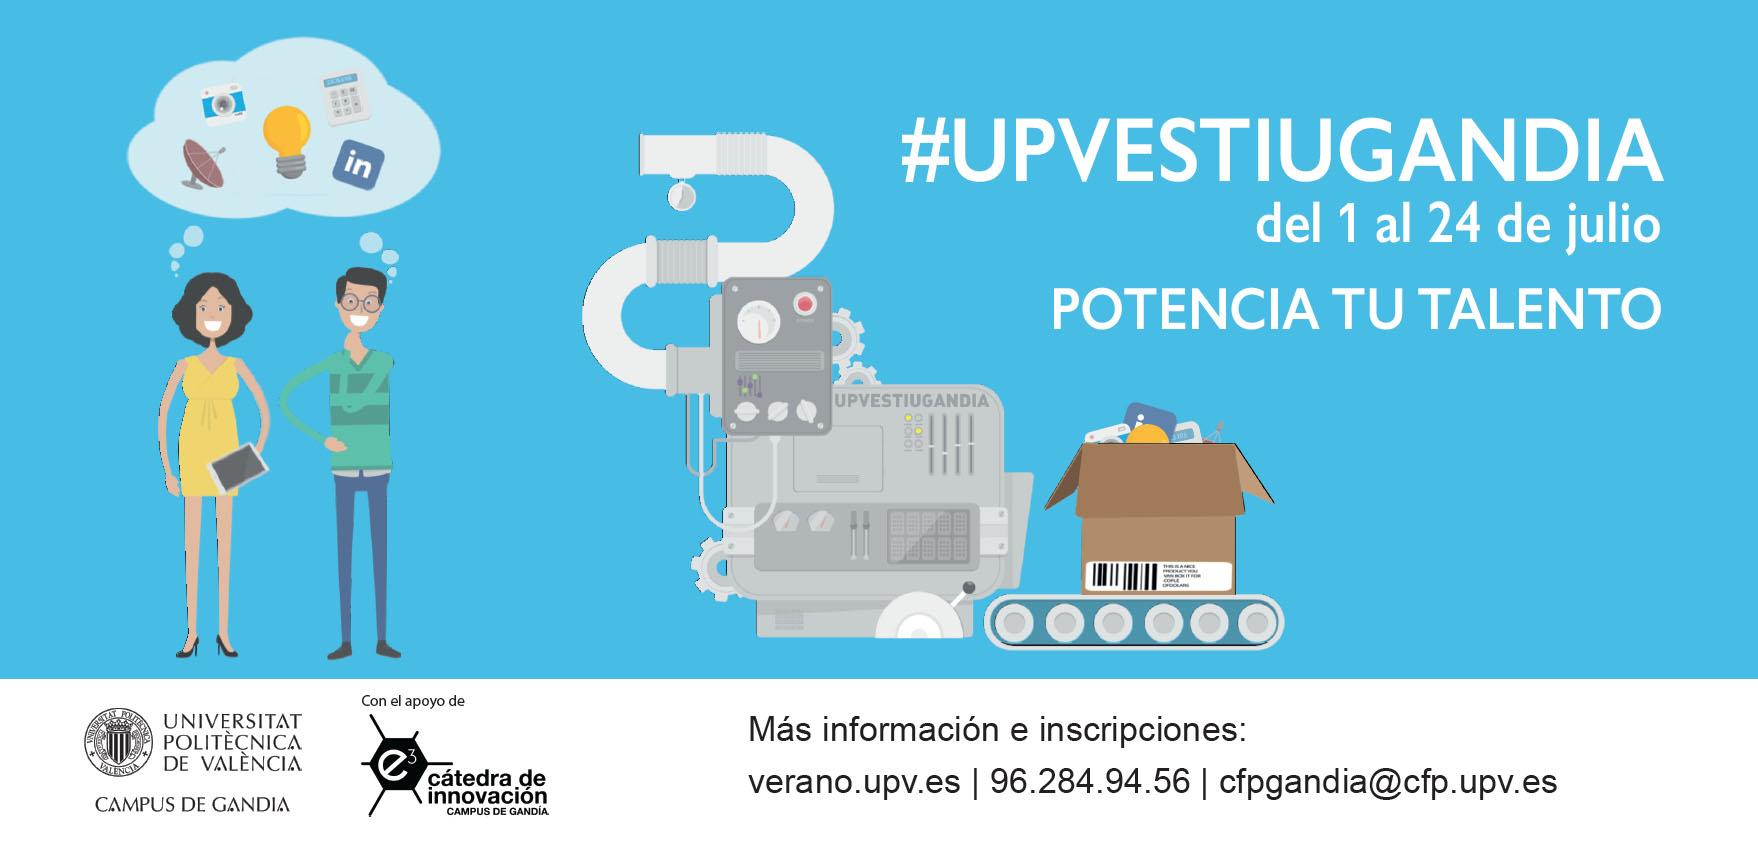 UPV VERANO GANDIA 2014  Formación para Emprender  d3e10da8bbf